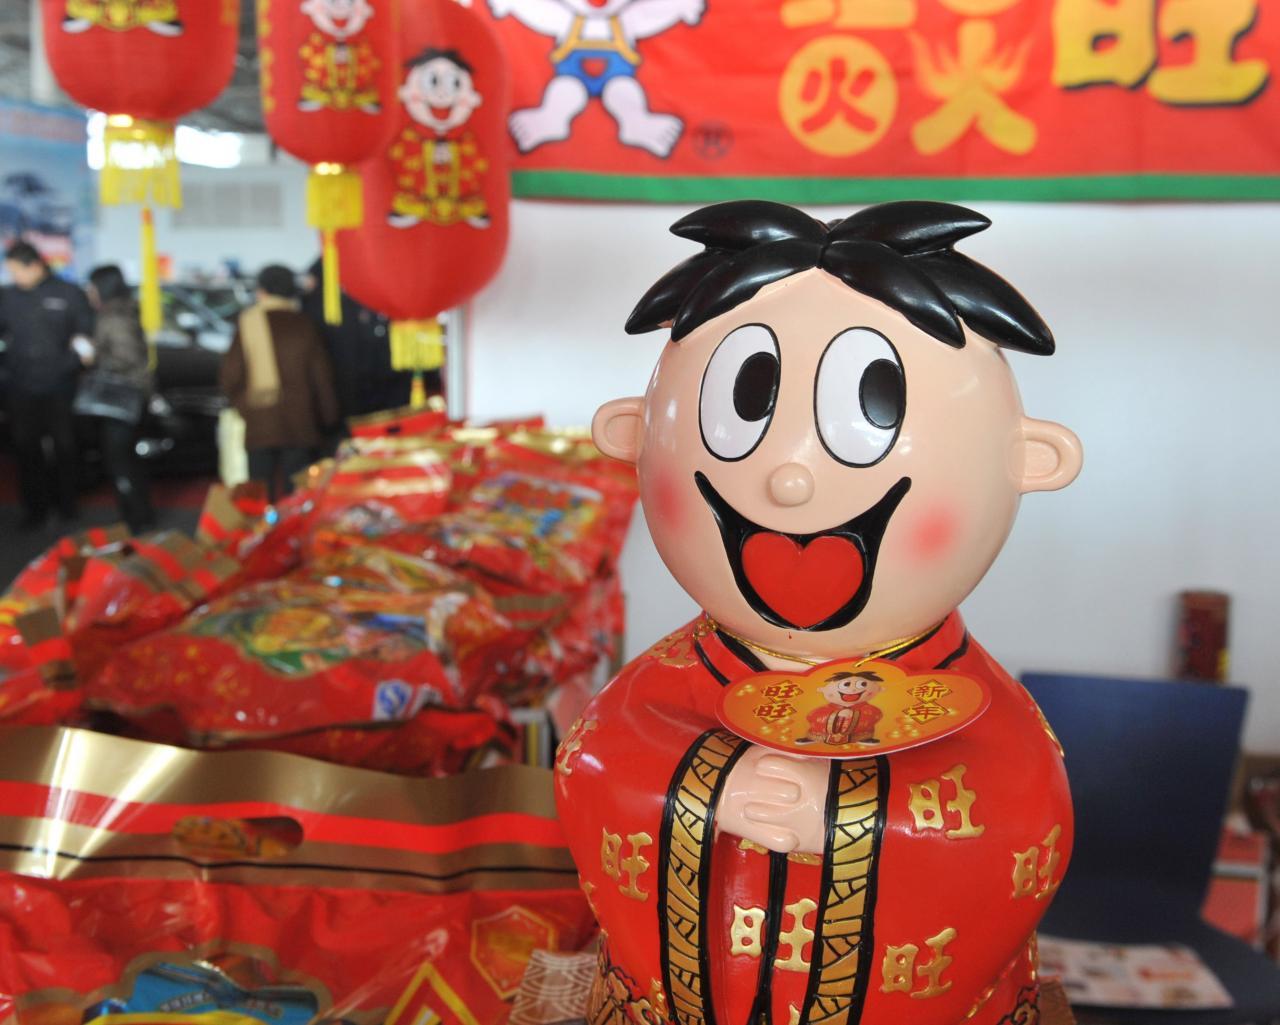 每逢過年,中國人必定會買一些好意頭的食品作送禮之用,推升銷售。